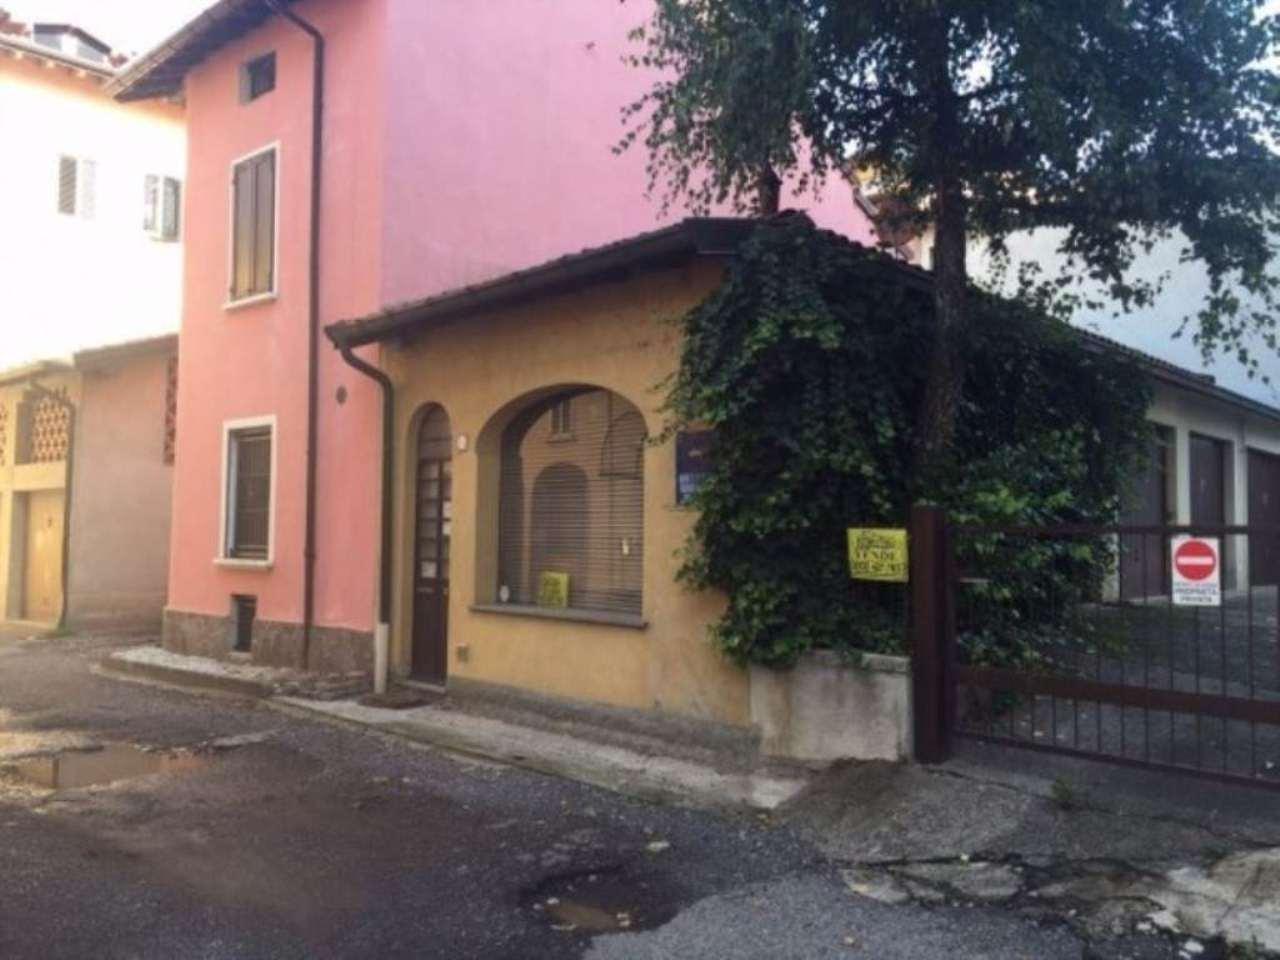 Negozio / Locale in vendita a Malnate, 1 locali, prezzo € 49.000 | Cambio Casa.it